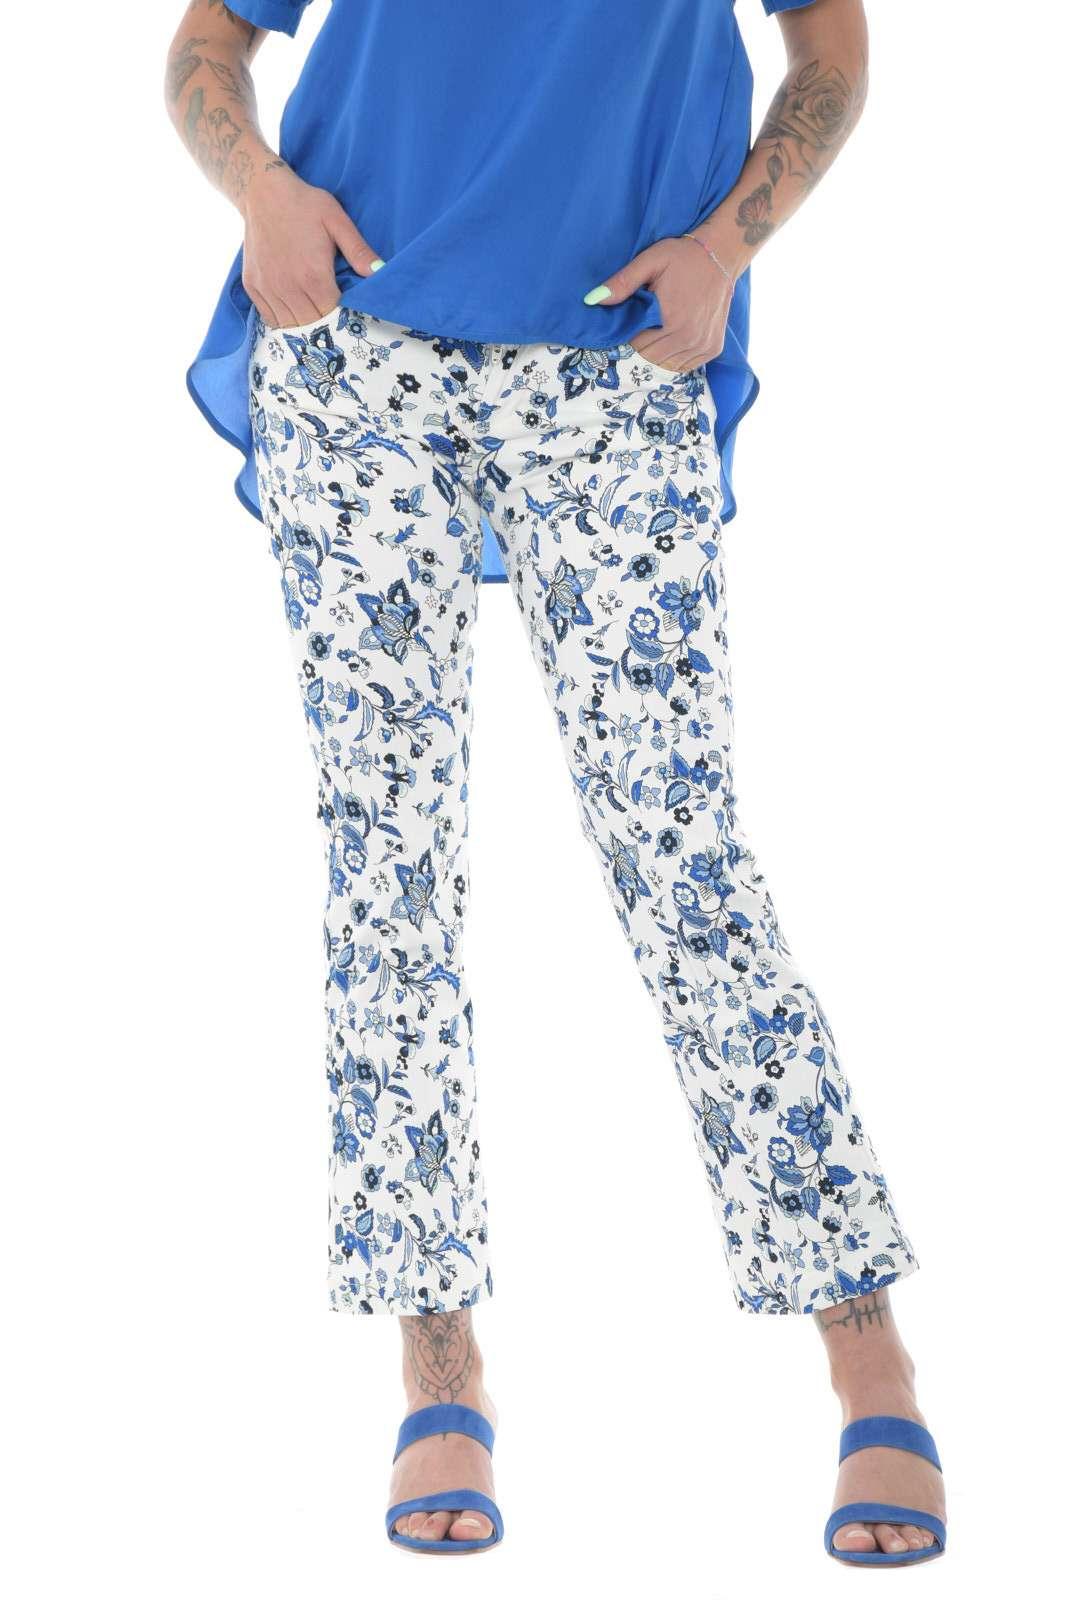 Un jeans semplice e femminile, quello firmato Liu Jo, per la donna che ama look estivi raffinati e vivaci. Caratterizzato da una fantasia floreale che lo ricopre interamente, questo jeans si abbinerà perfettamente a bluse o t shirt accese e colorate, rendendo glamour ogni outfit.